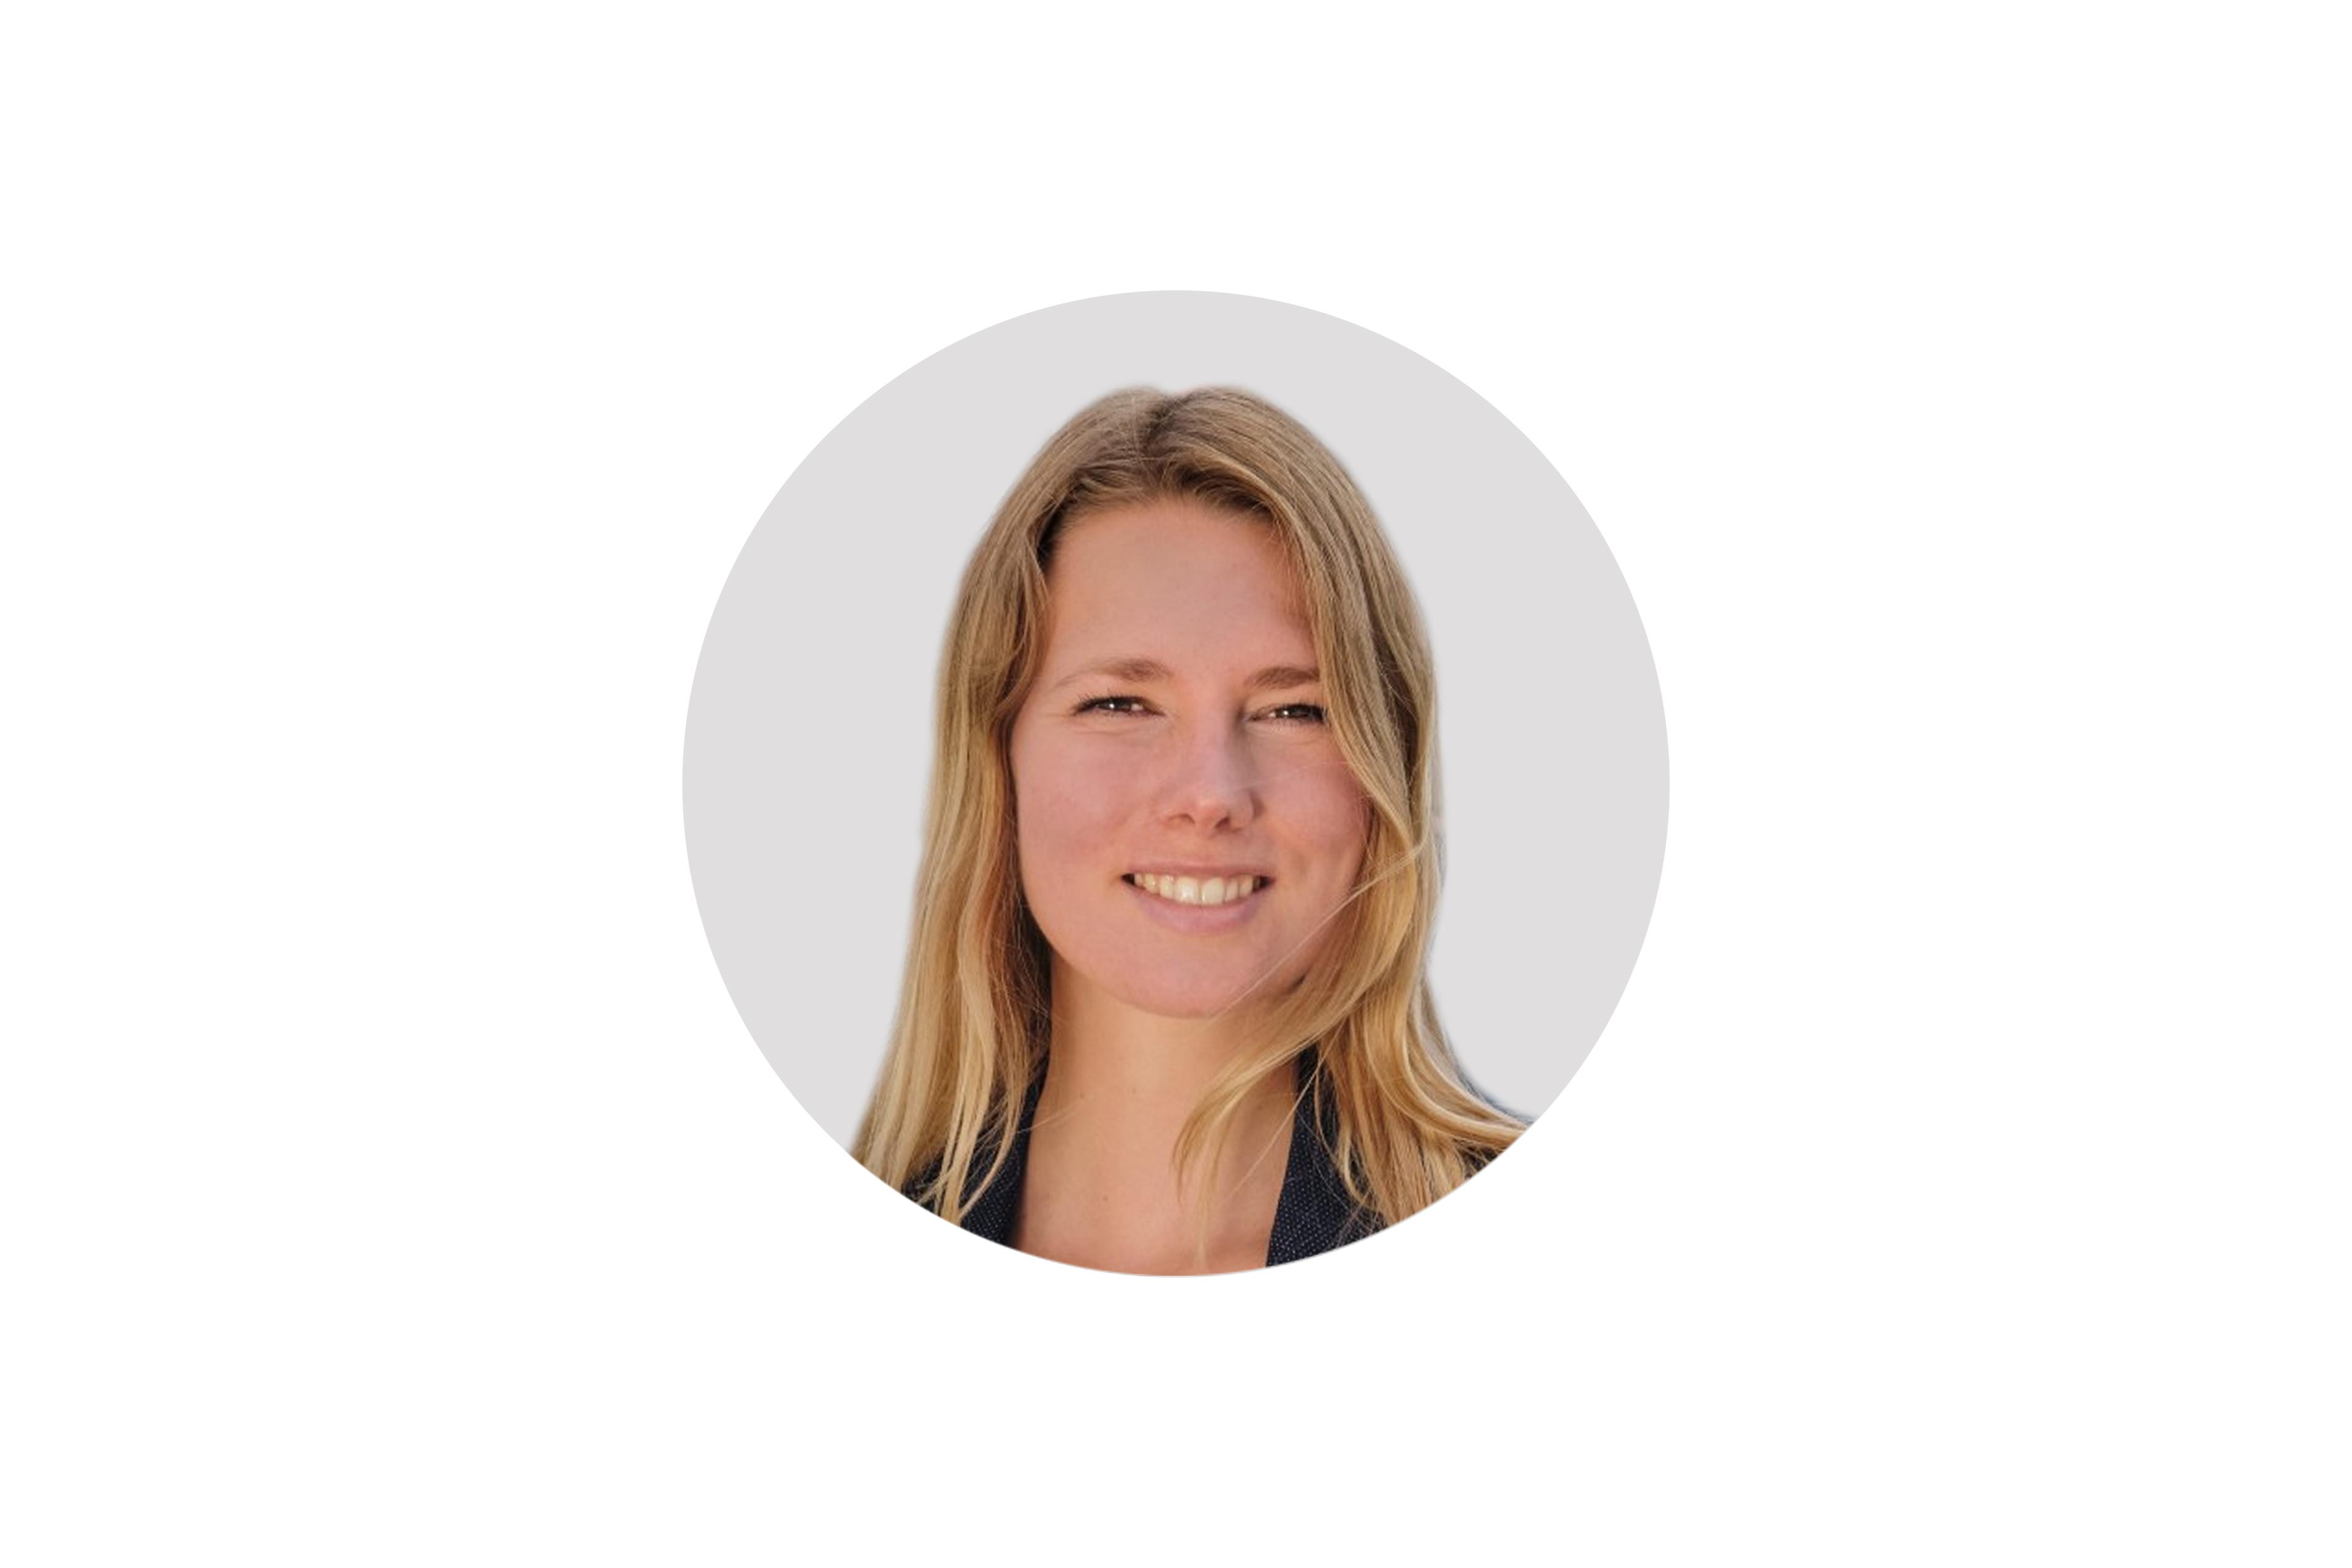 Noelle Lageweg